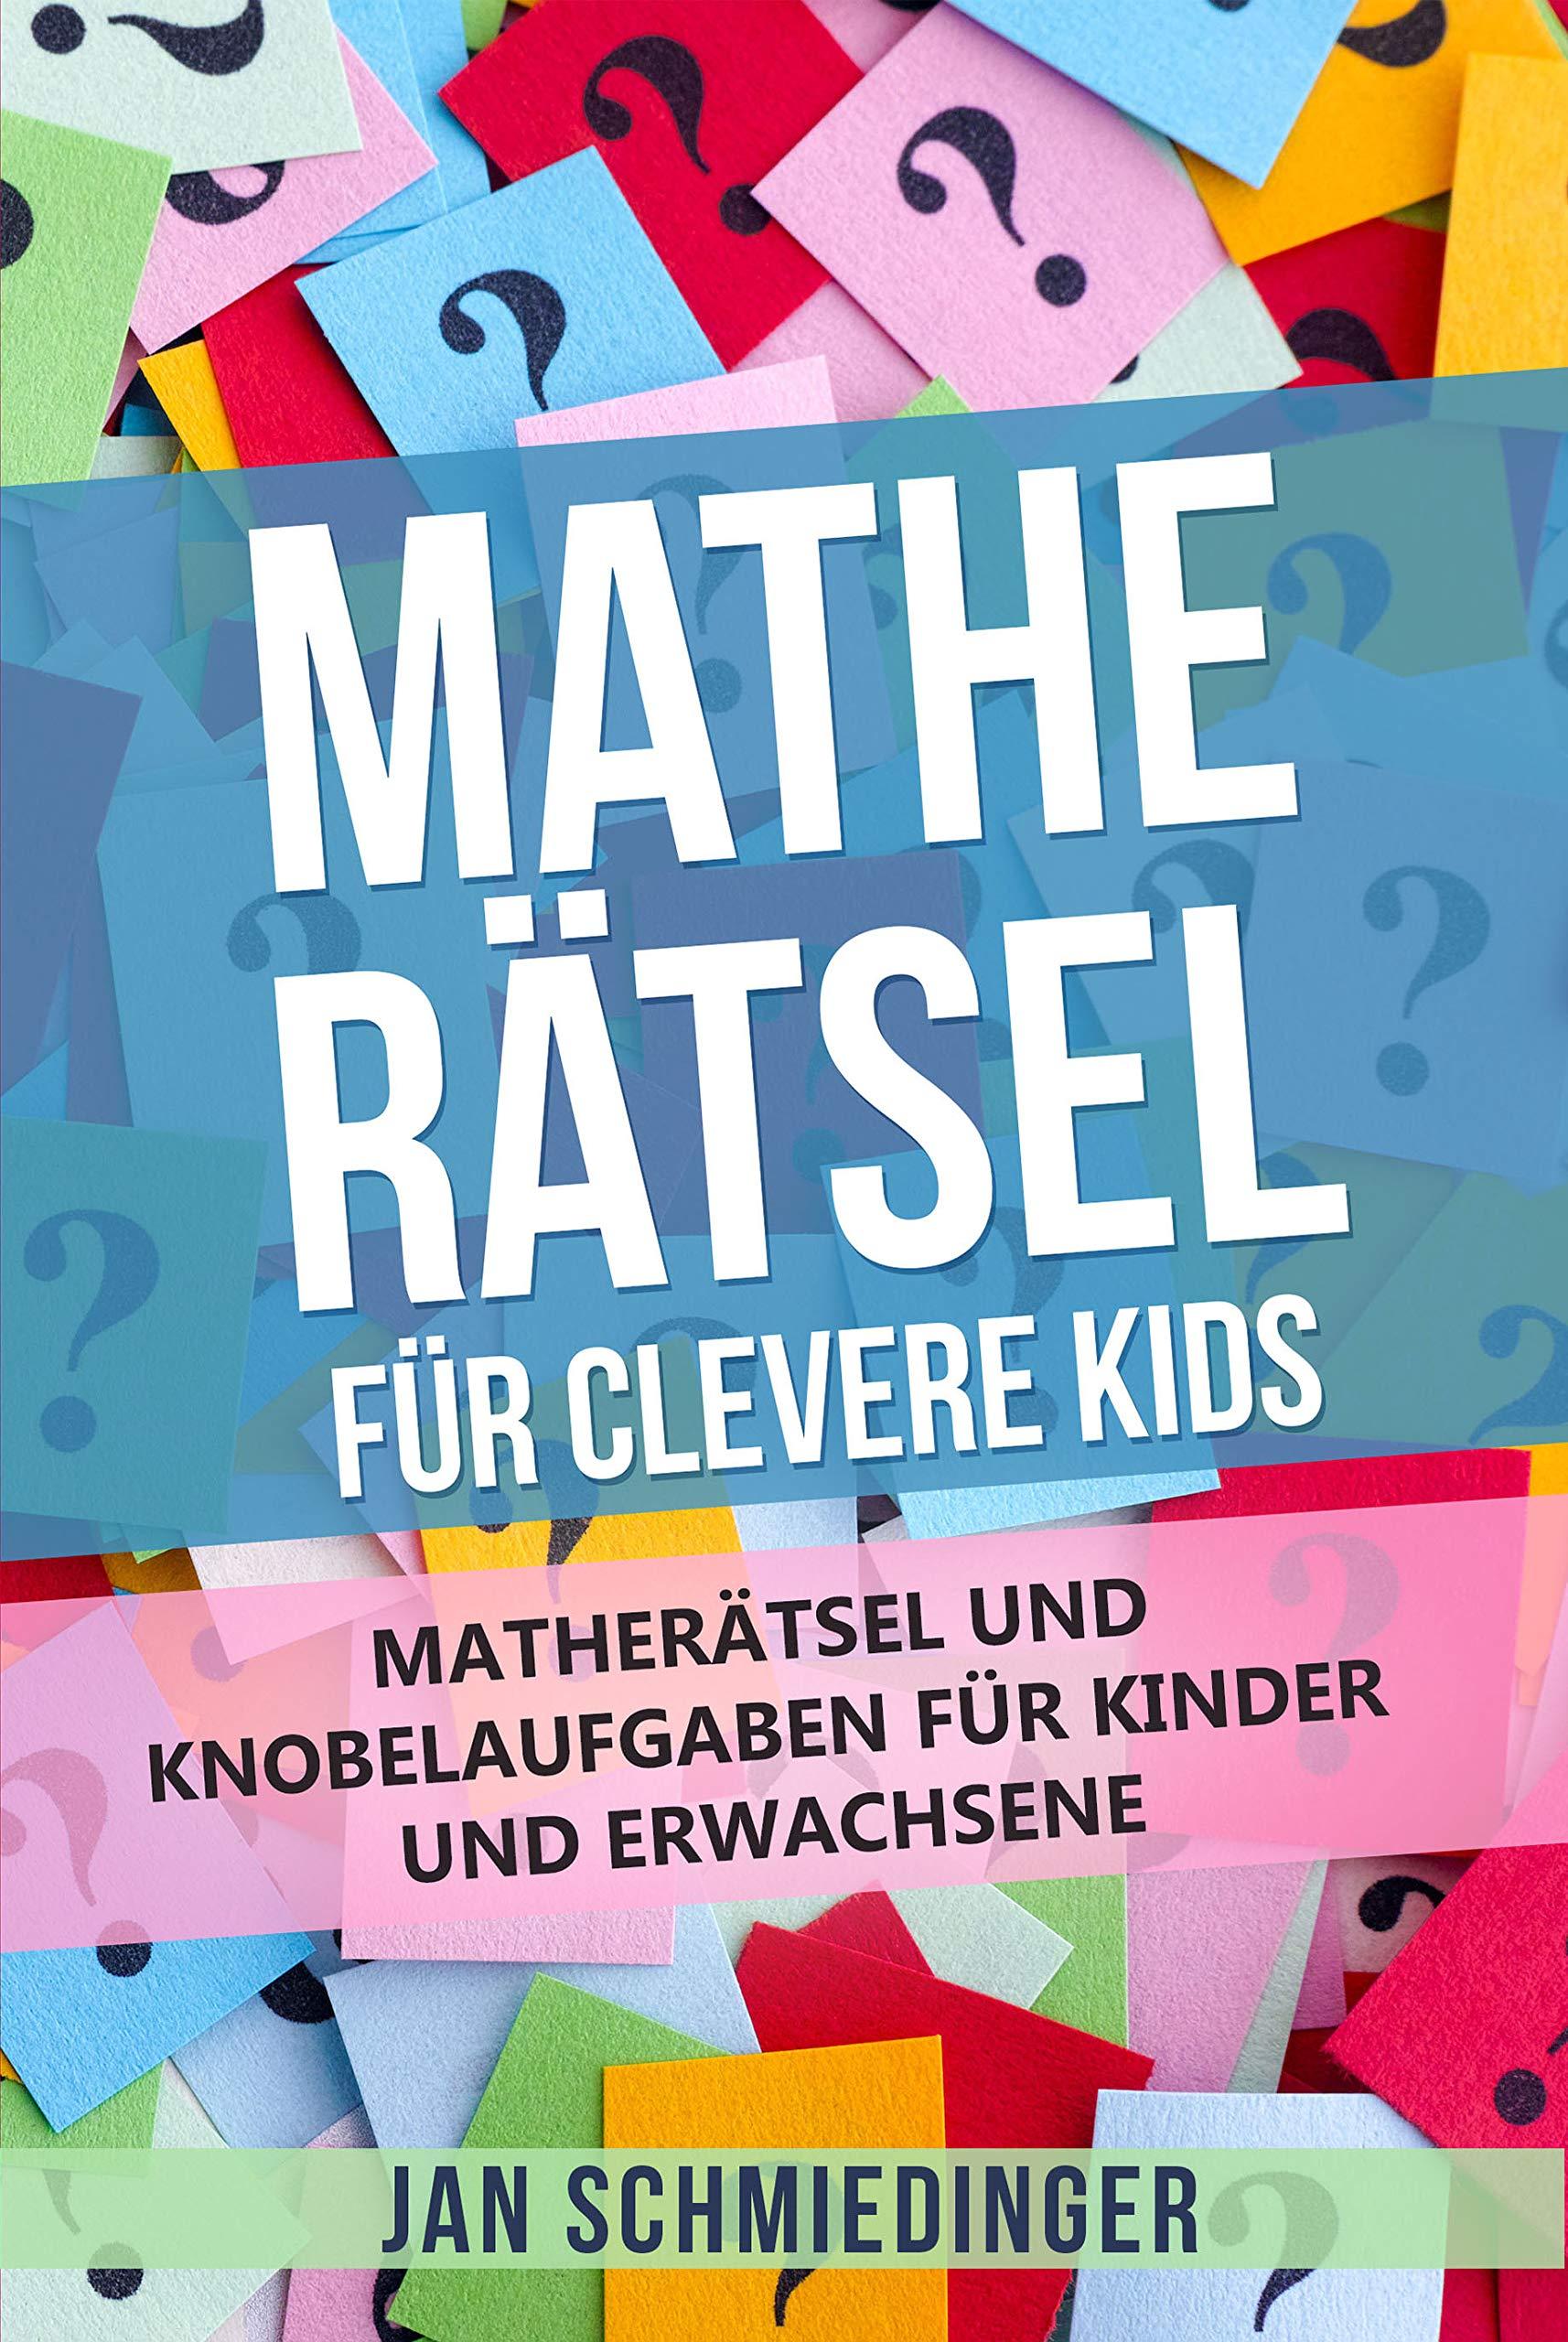 MATHE RÄTSEL FÜR CLEVERE KIDS: MATHERÄTSEL UND KNOBELAUFGABEN FÜR KINDER UND ERWACHSENE (German Edition)